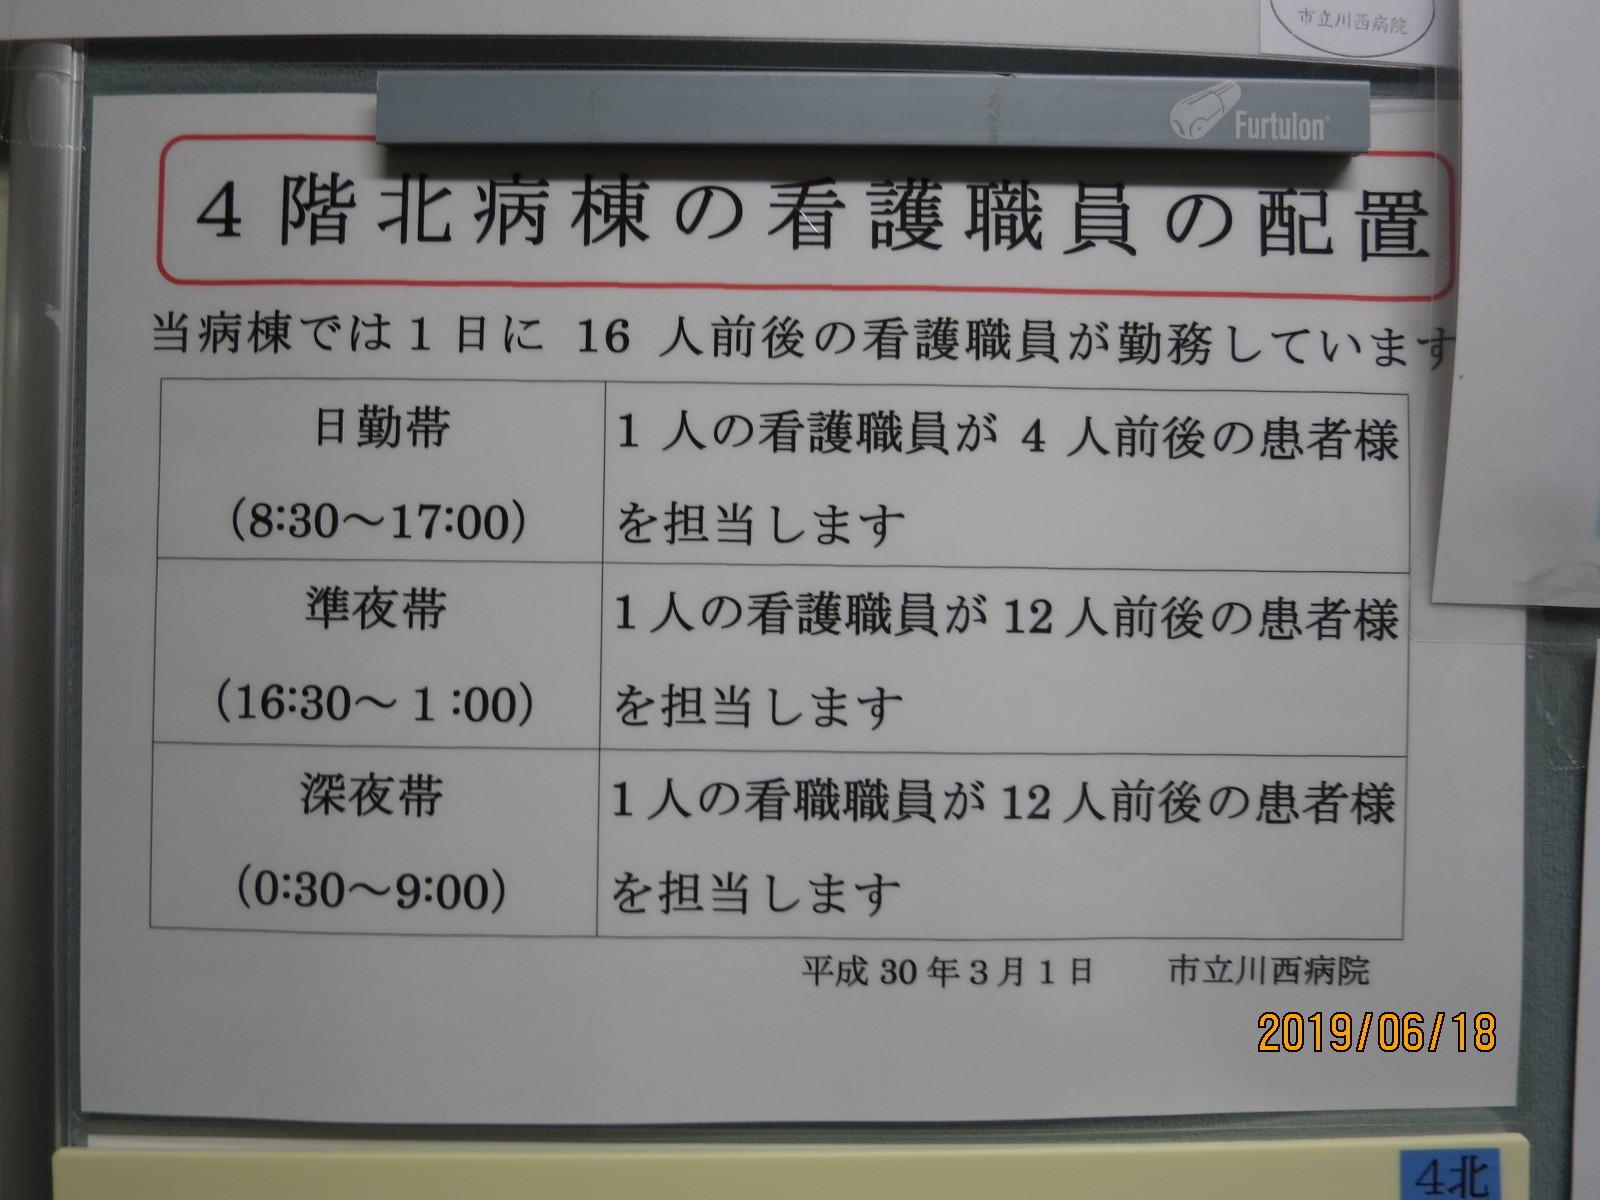 市民からの請願をバッサリ 💦「市民に病院の情報は届いているか」4階北病棟(37床)は5月1日から休床中 💦_f0061067_23115518.jpg